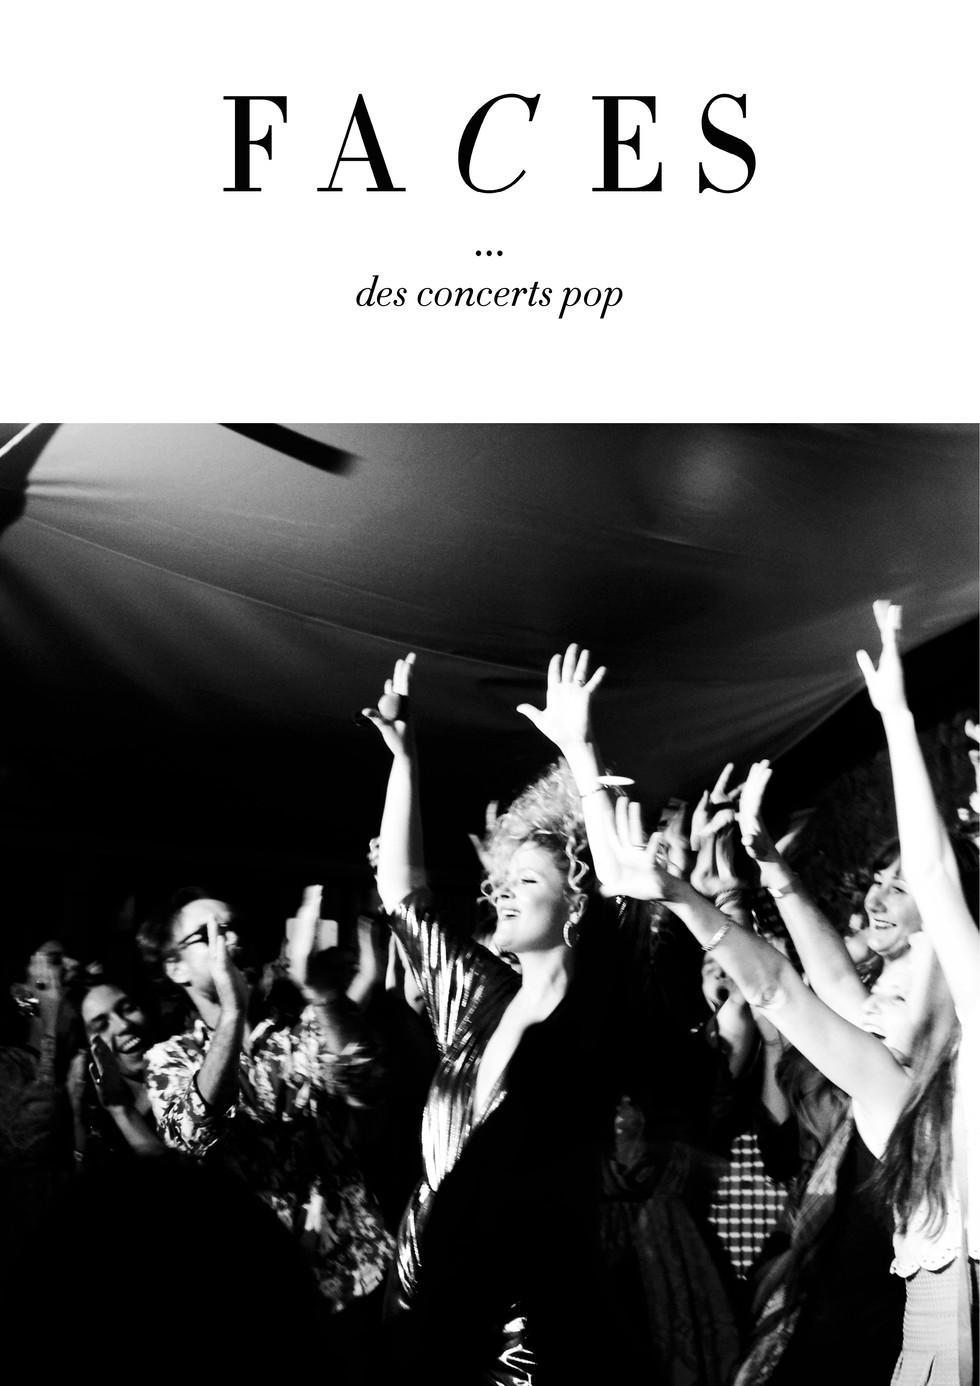 Faces - Des concerts pop